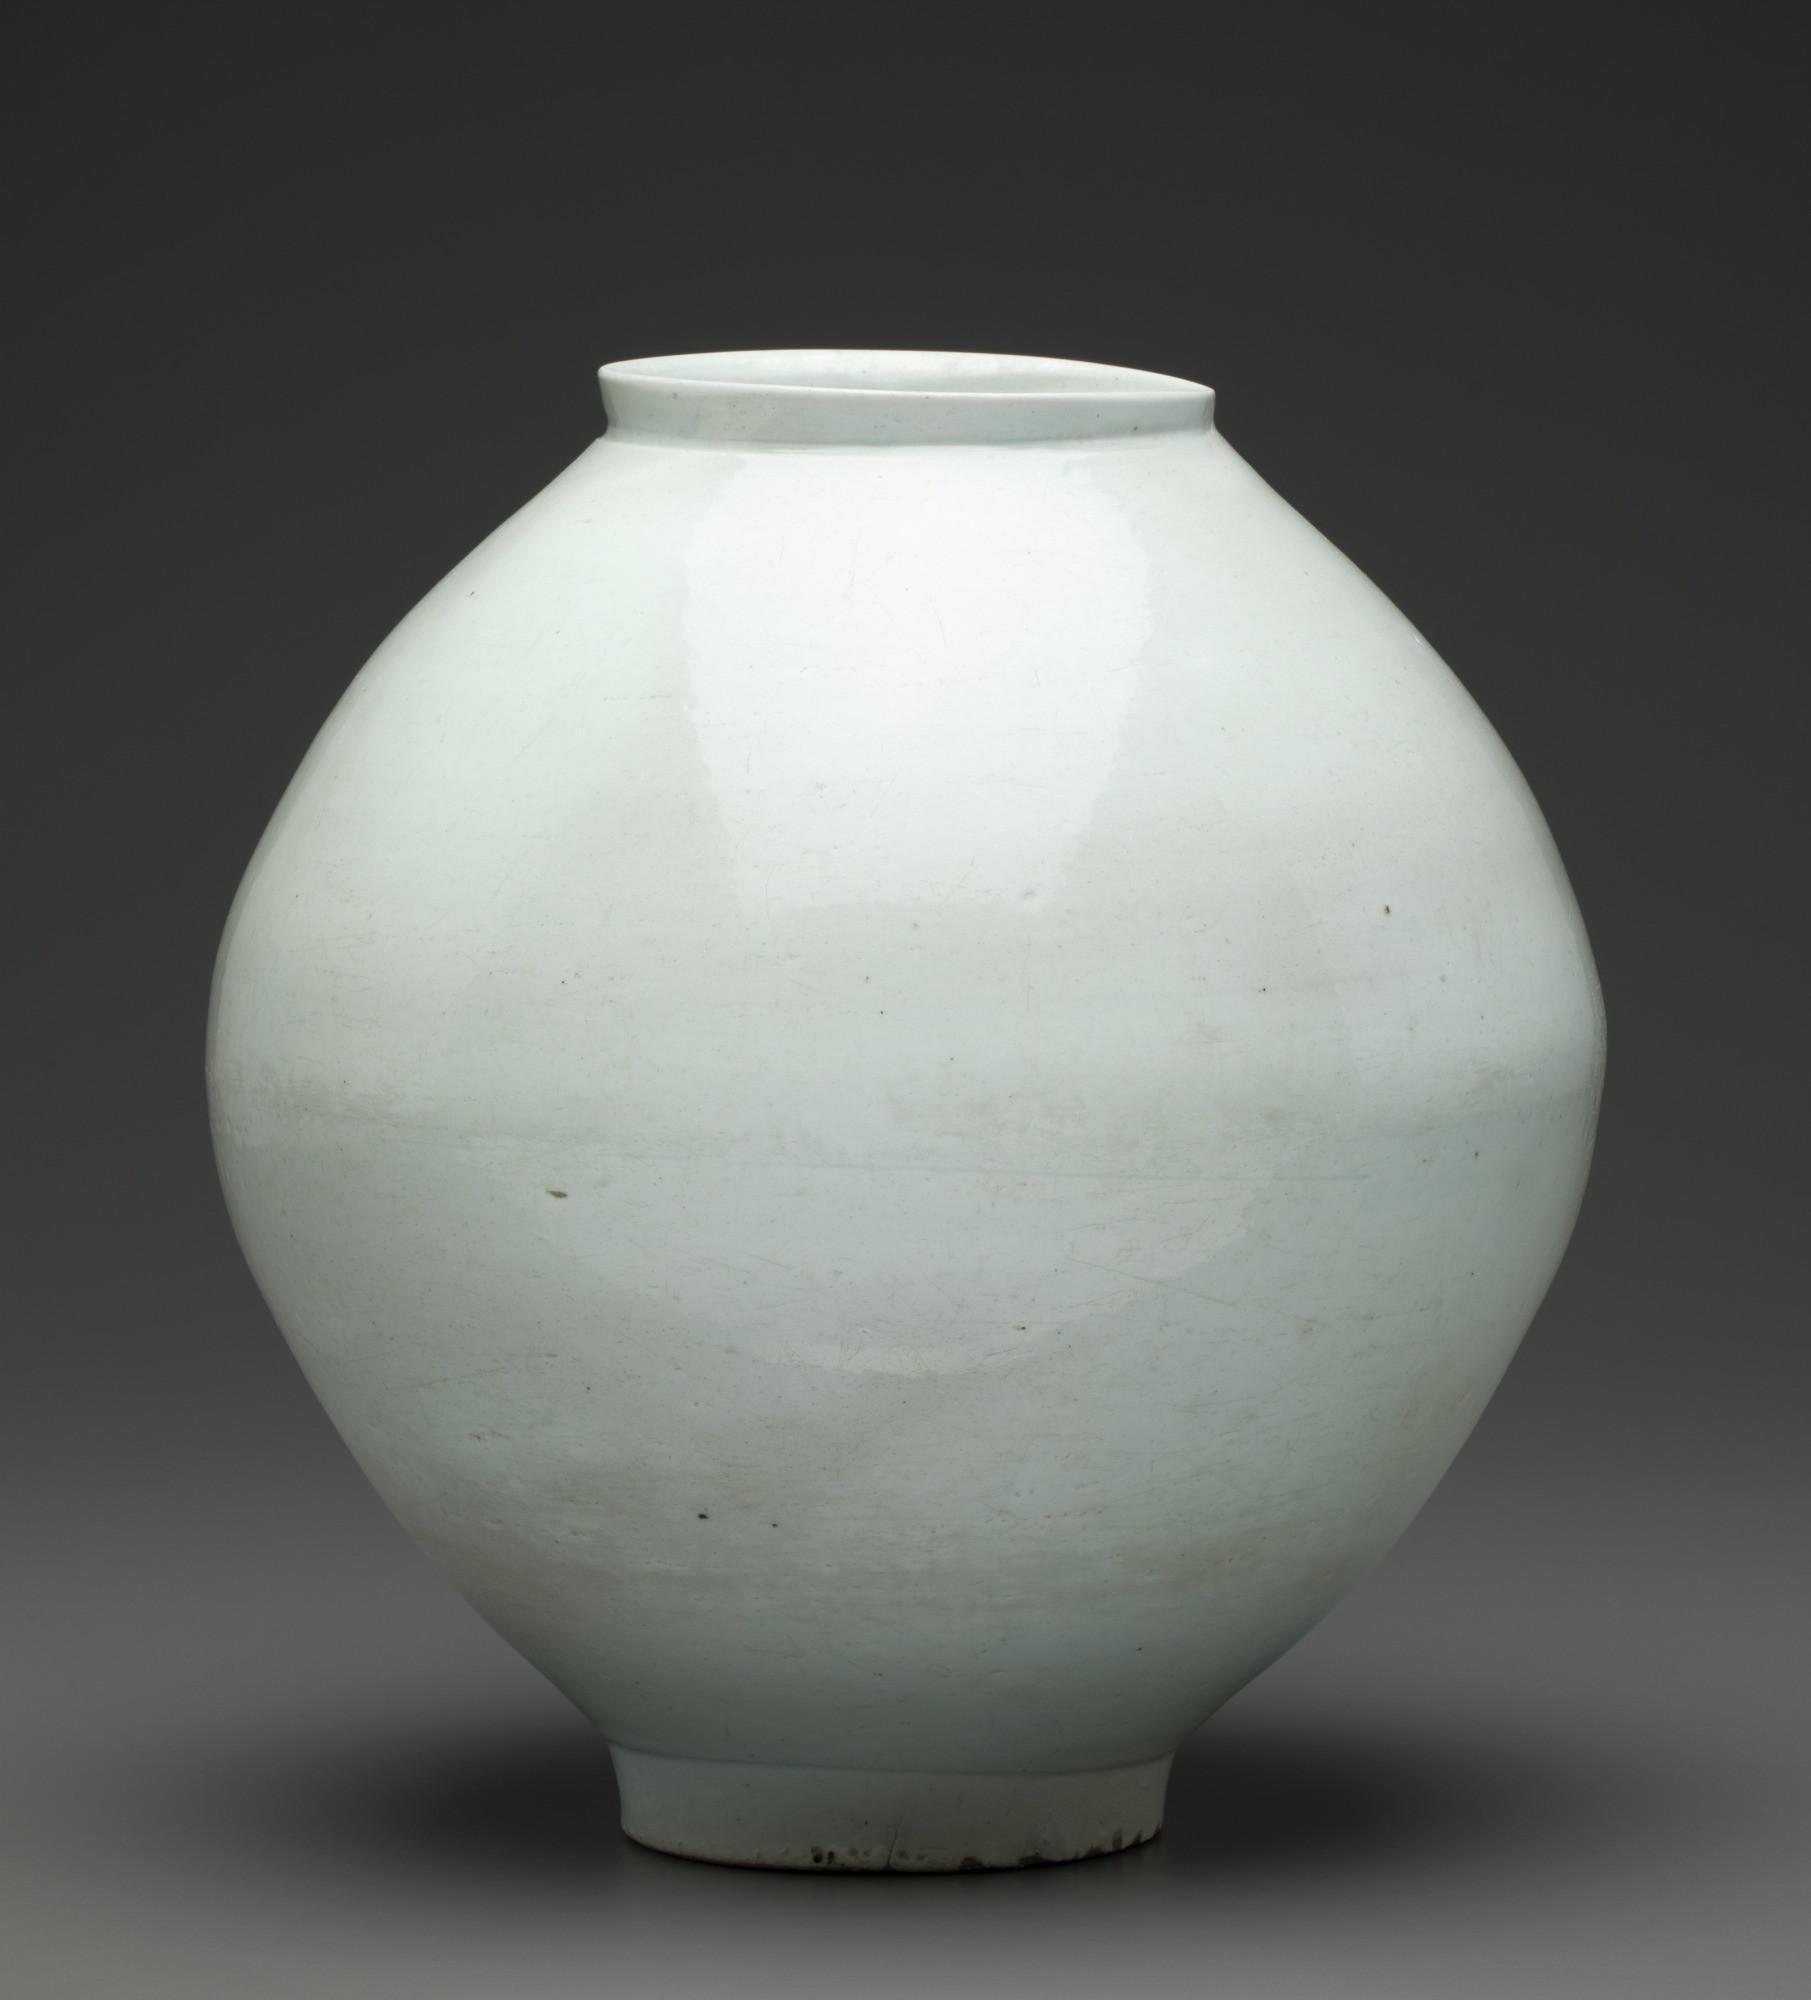 ralph lauren sloane vase of moon jar detroit institute of arts museum regarding download the image